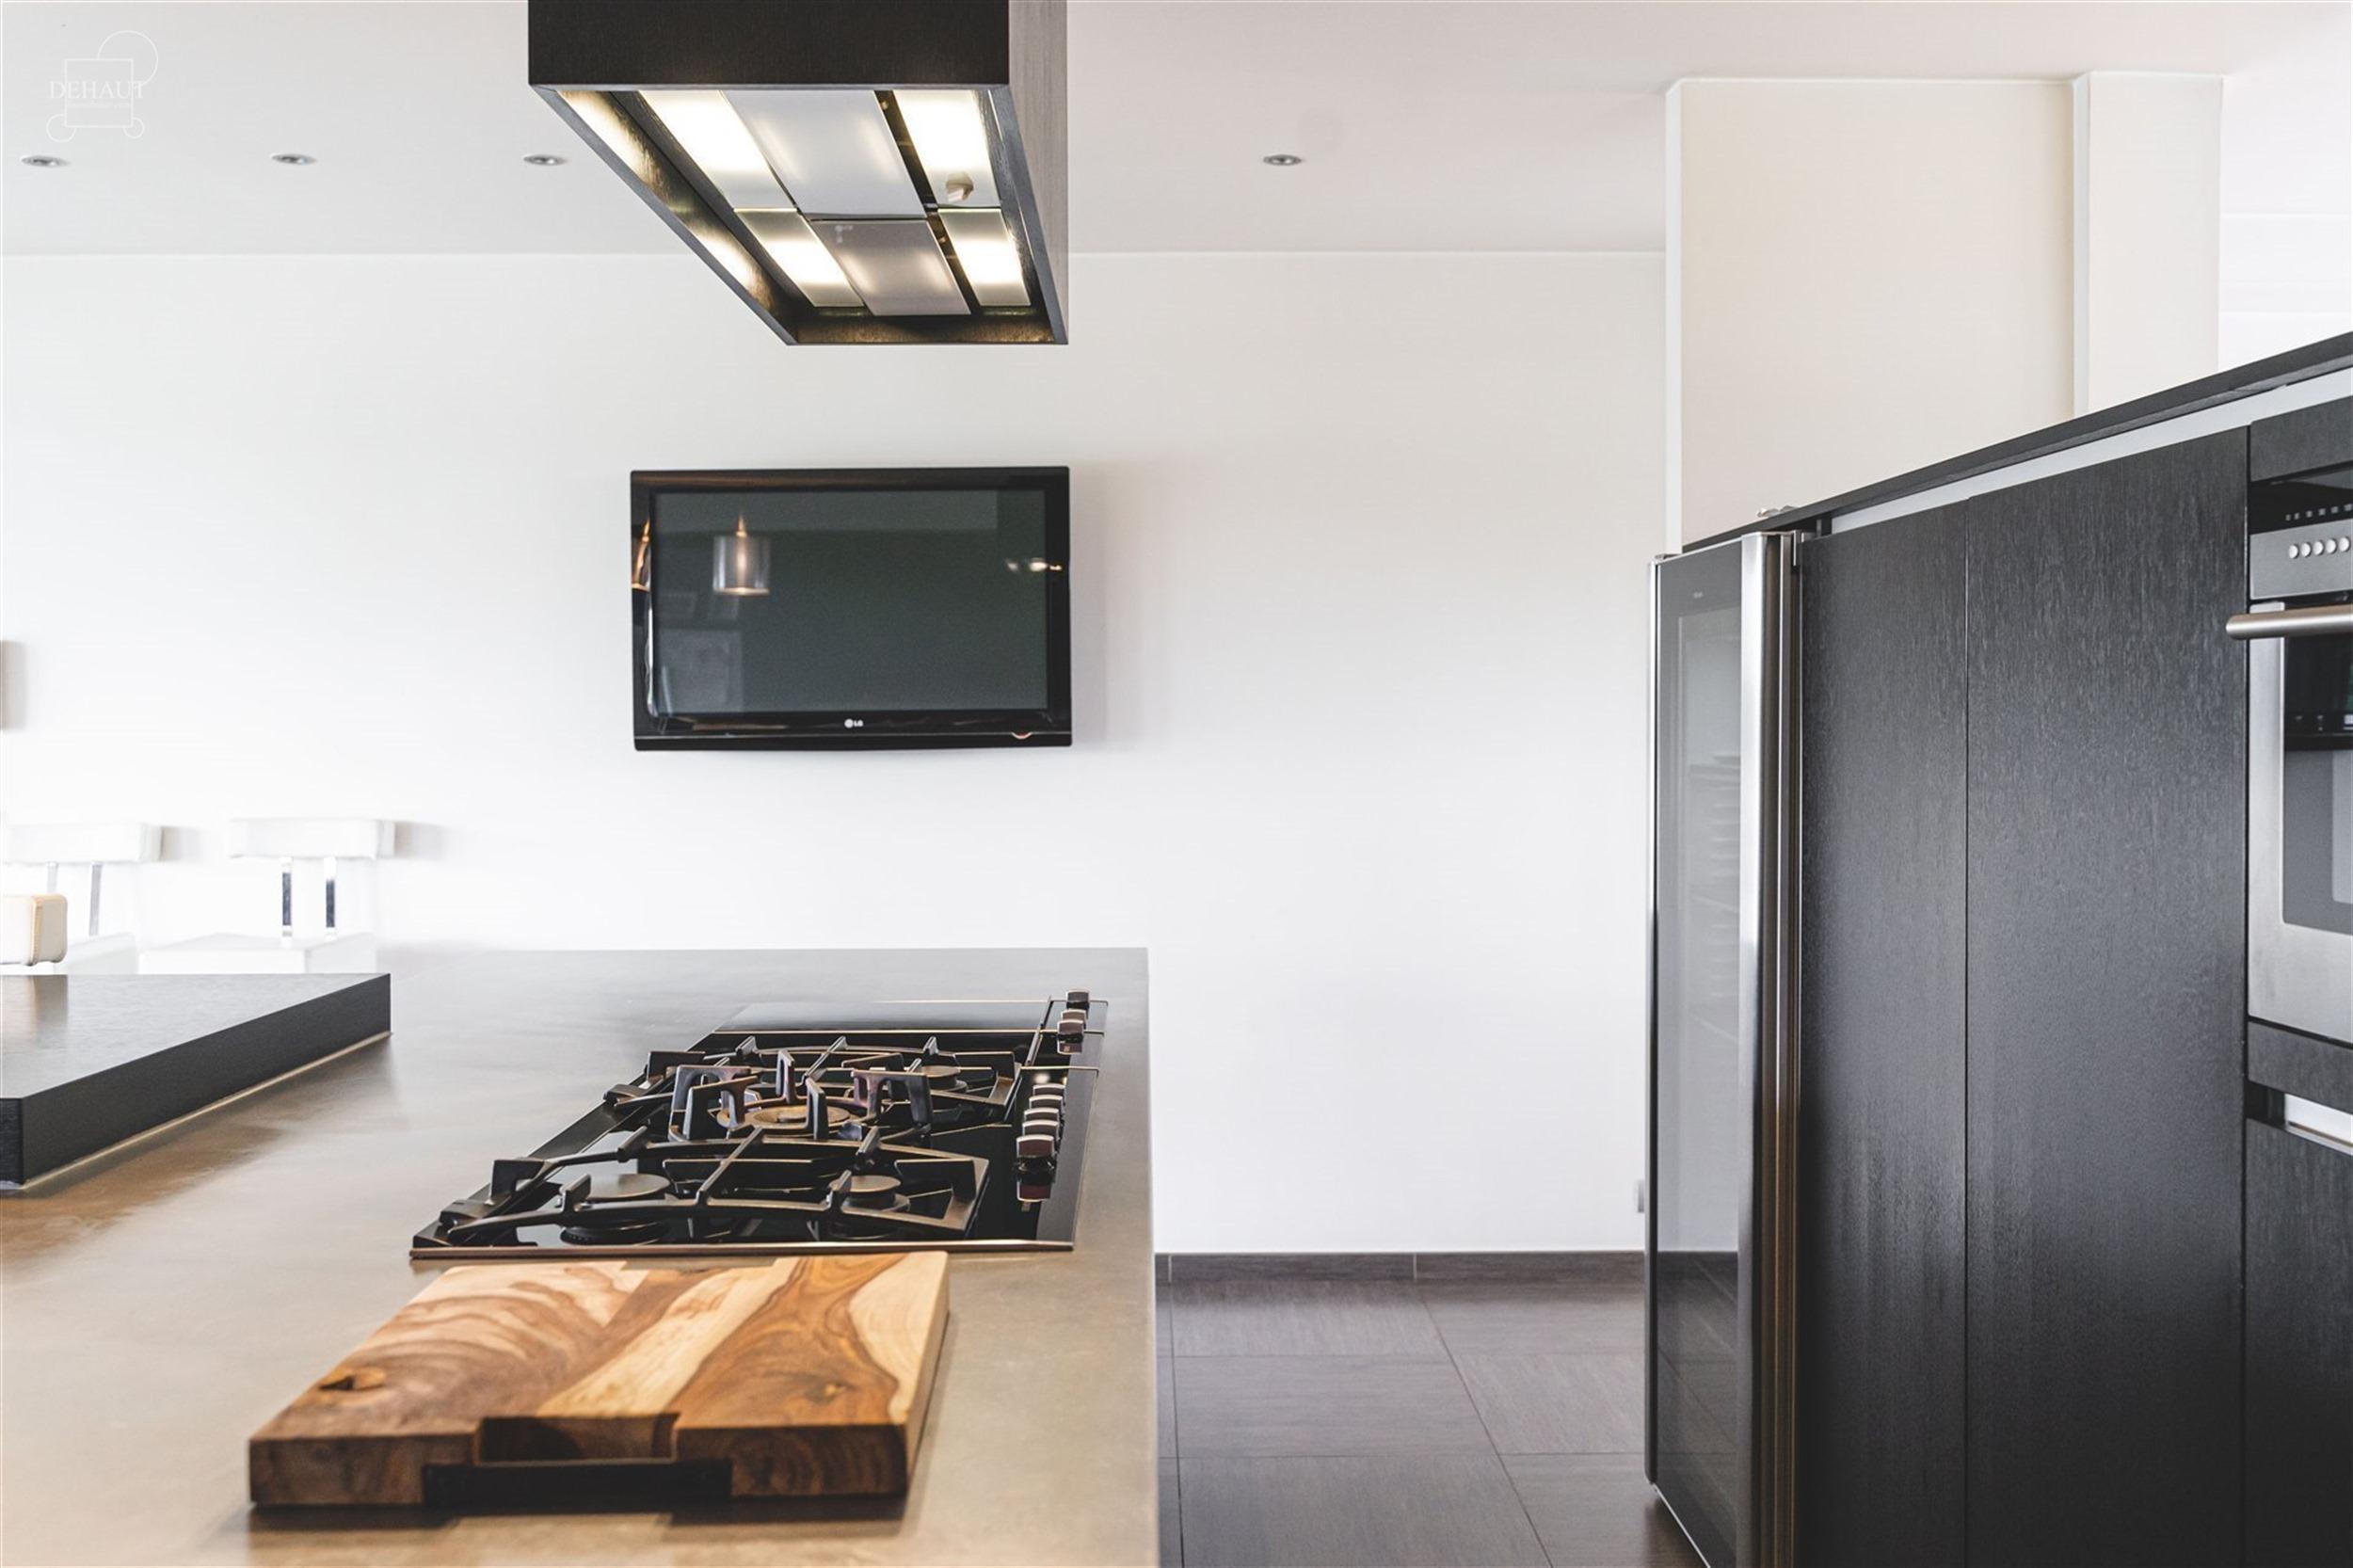 Ensemble immobilier haut de gamme au caractère contemporain composé d'une grande surface commerciale vitrée avec parking et d'un appartement de sta...